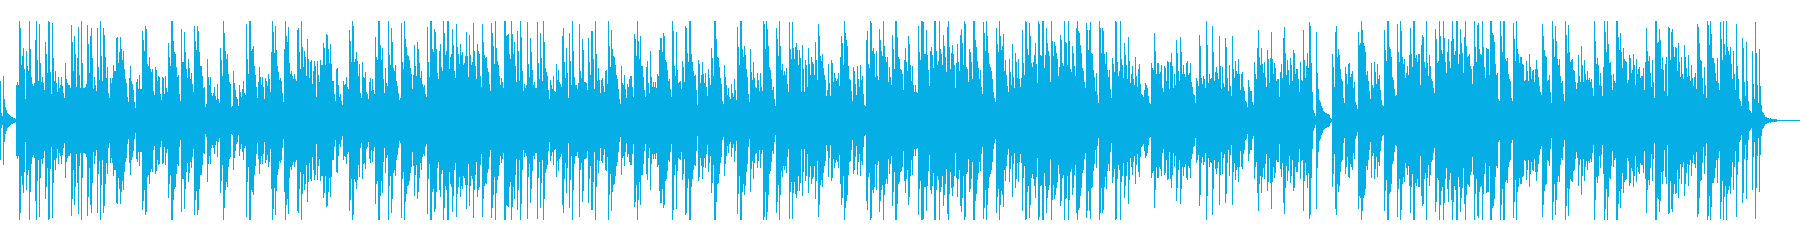 やさしい・のんびり・ギター(ドラムなし)の再生済みの波形